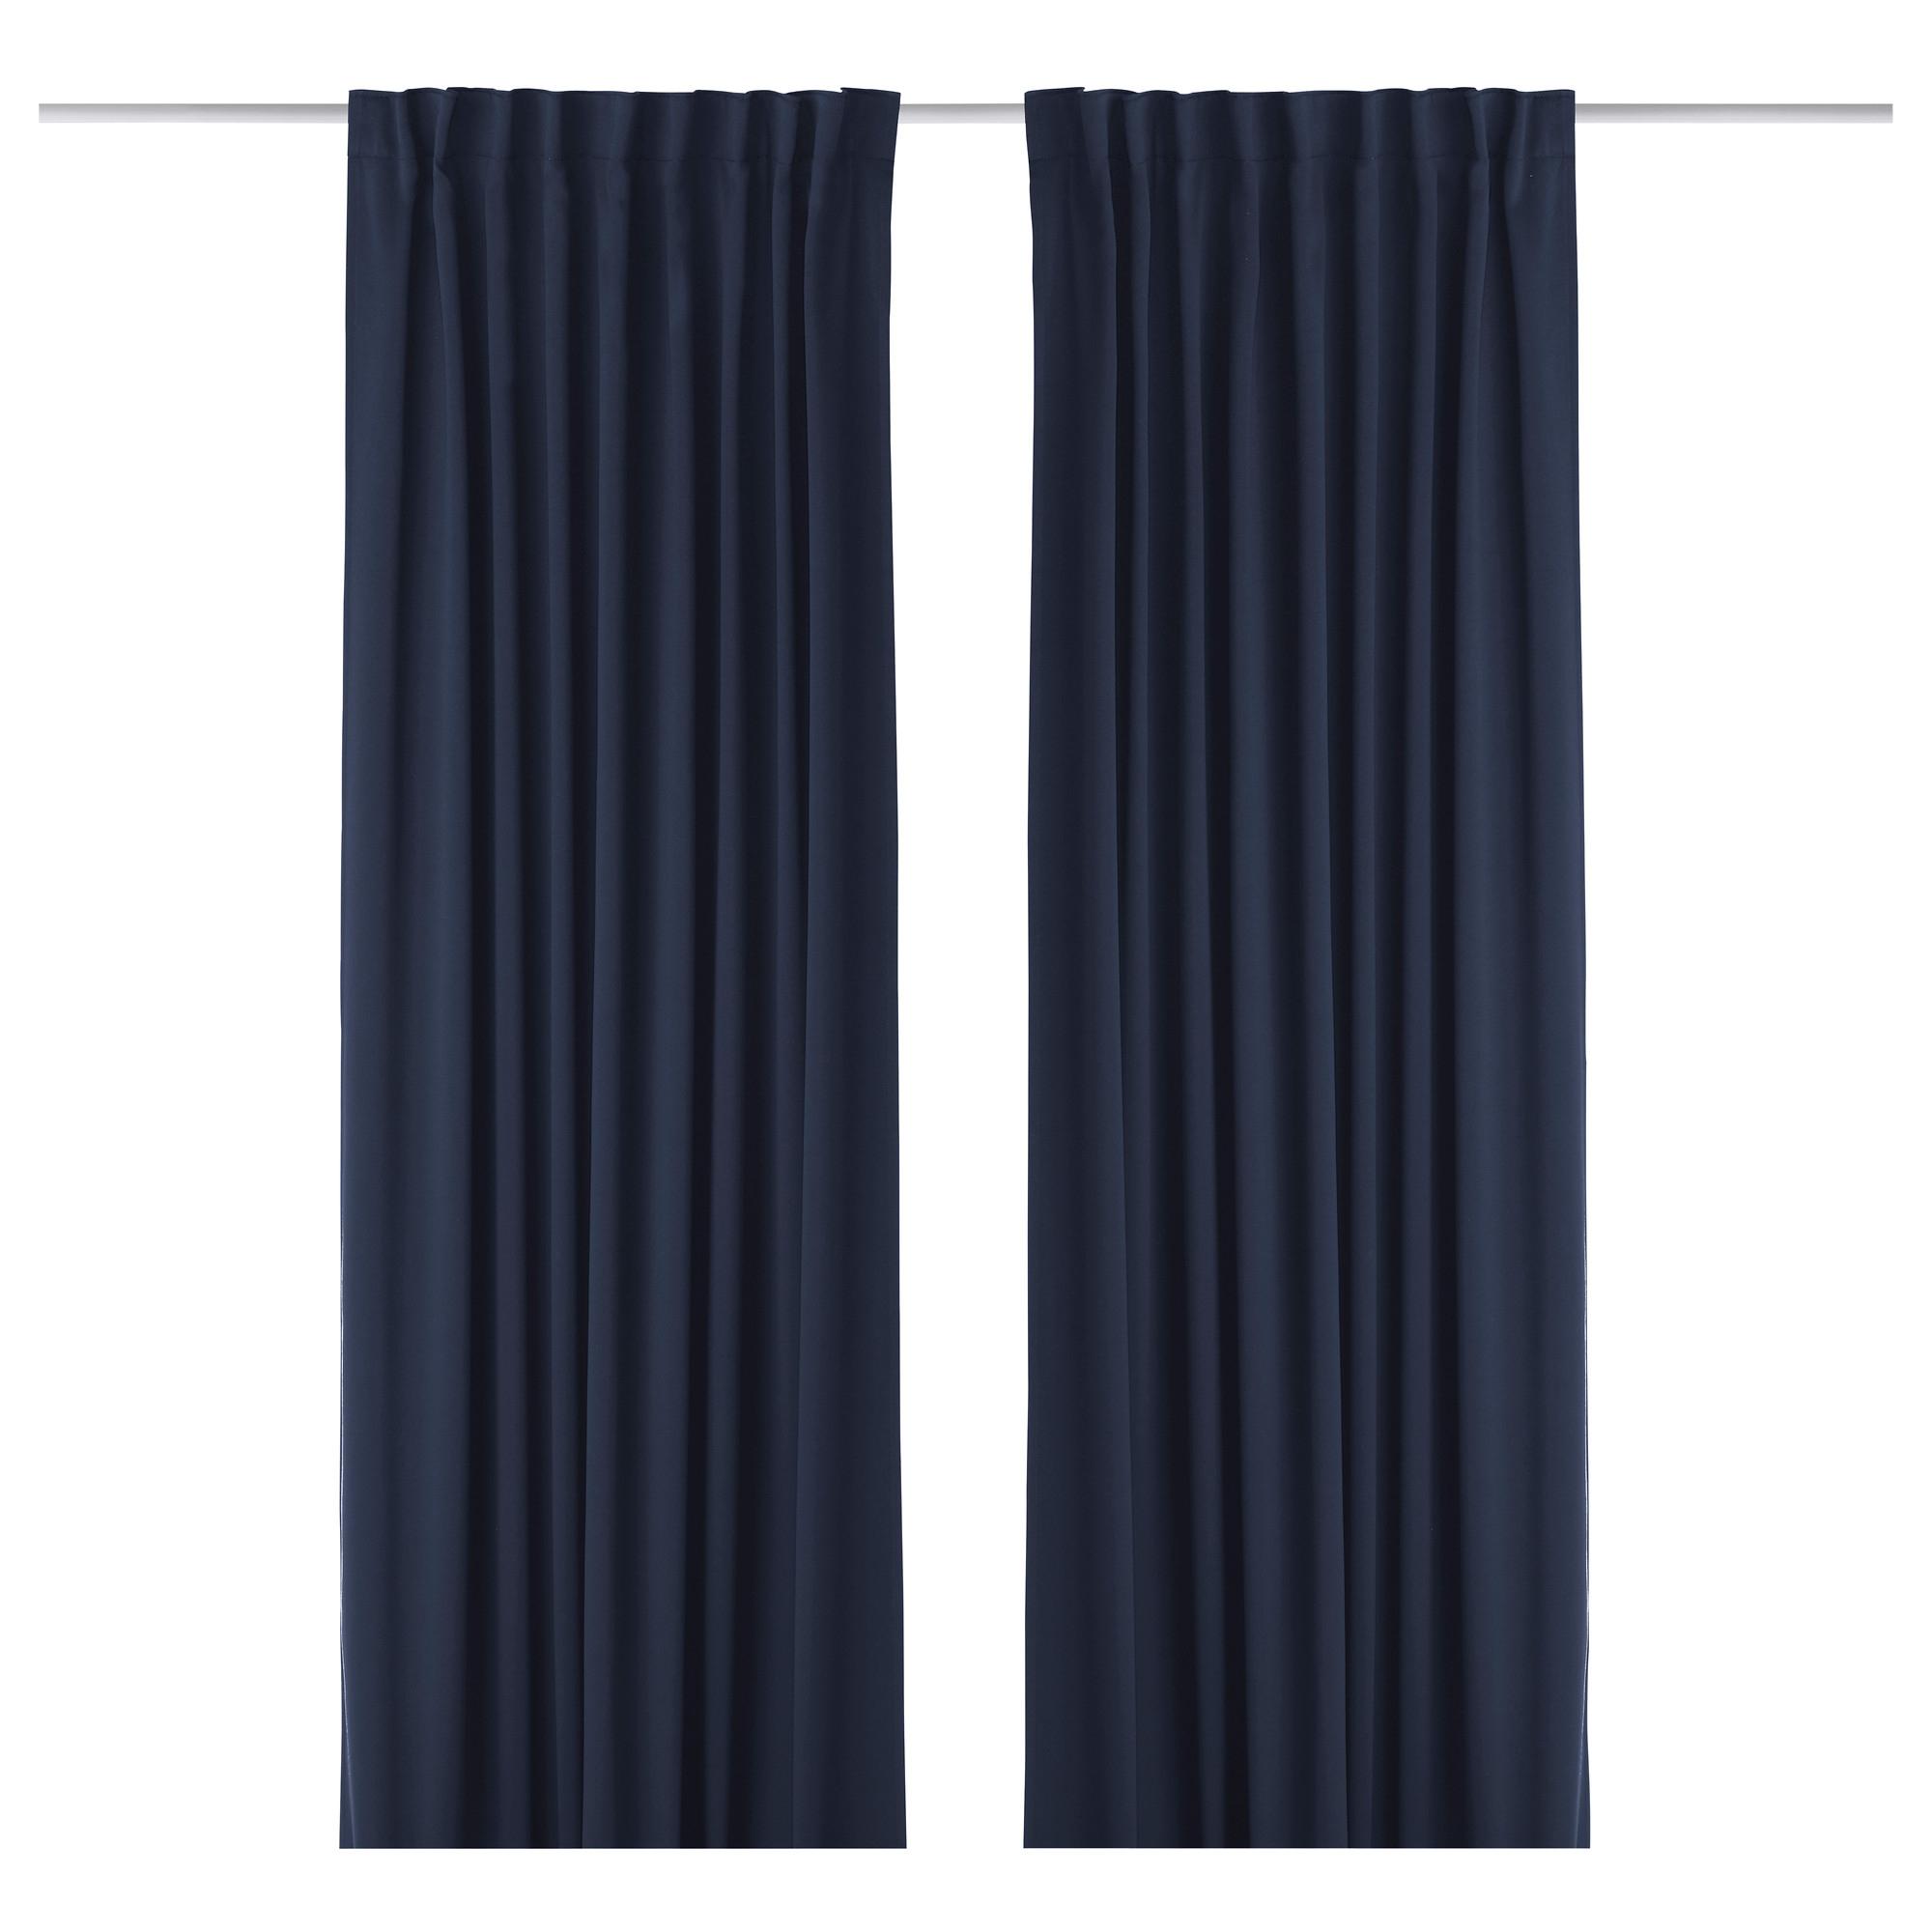 Ikea mallorca detalles producto - Cortinas exterior ikea ...